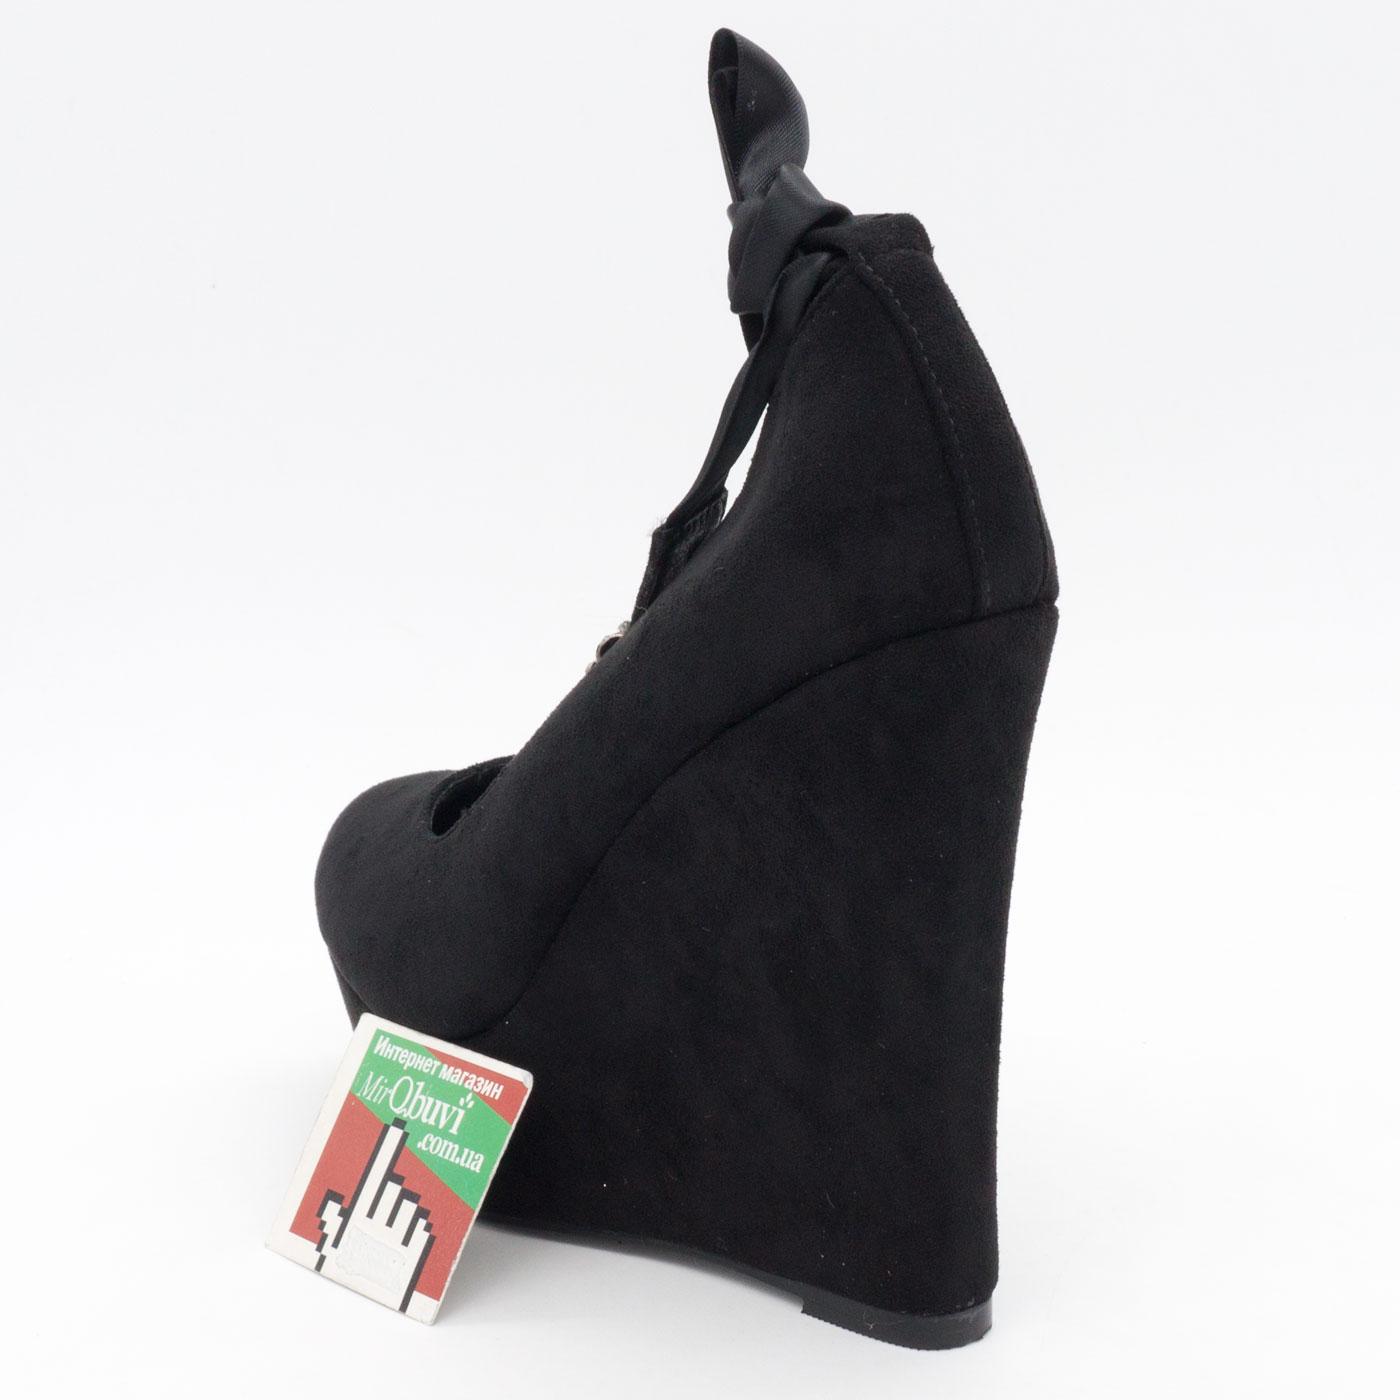 фото back Женские туфли LIICI 2098-X8141 черные на платформе  back